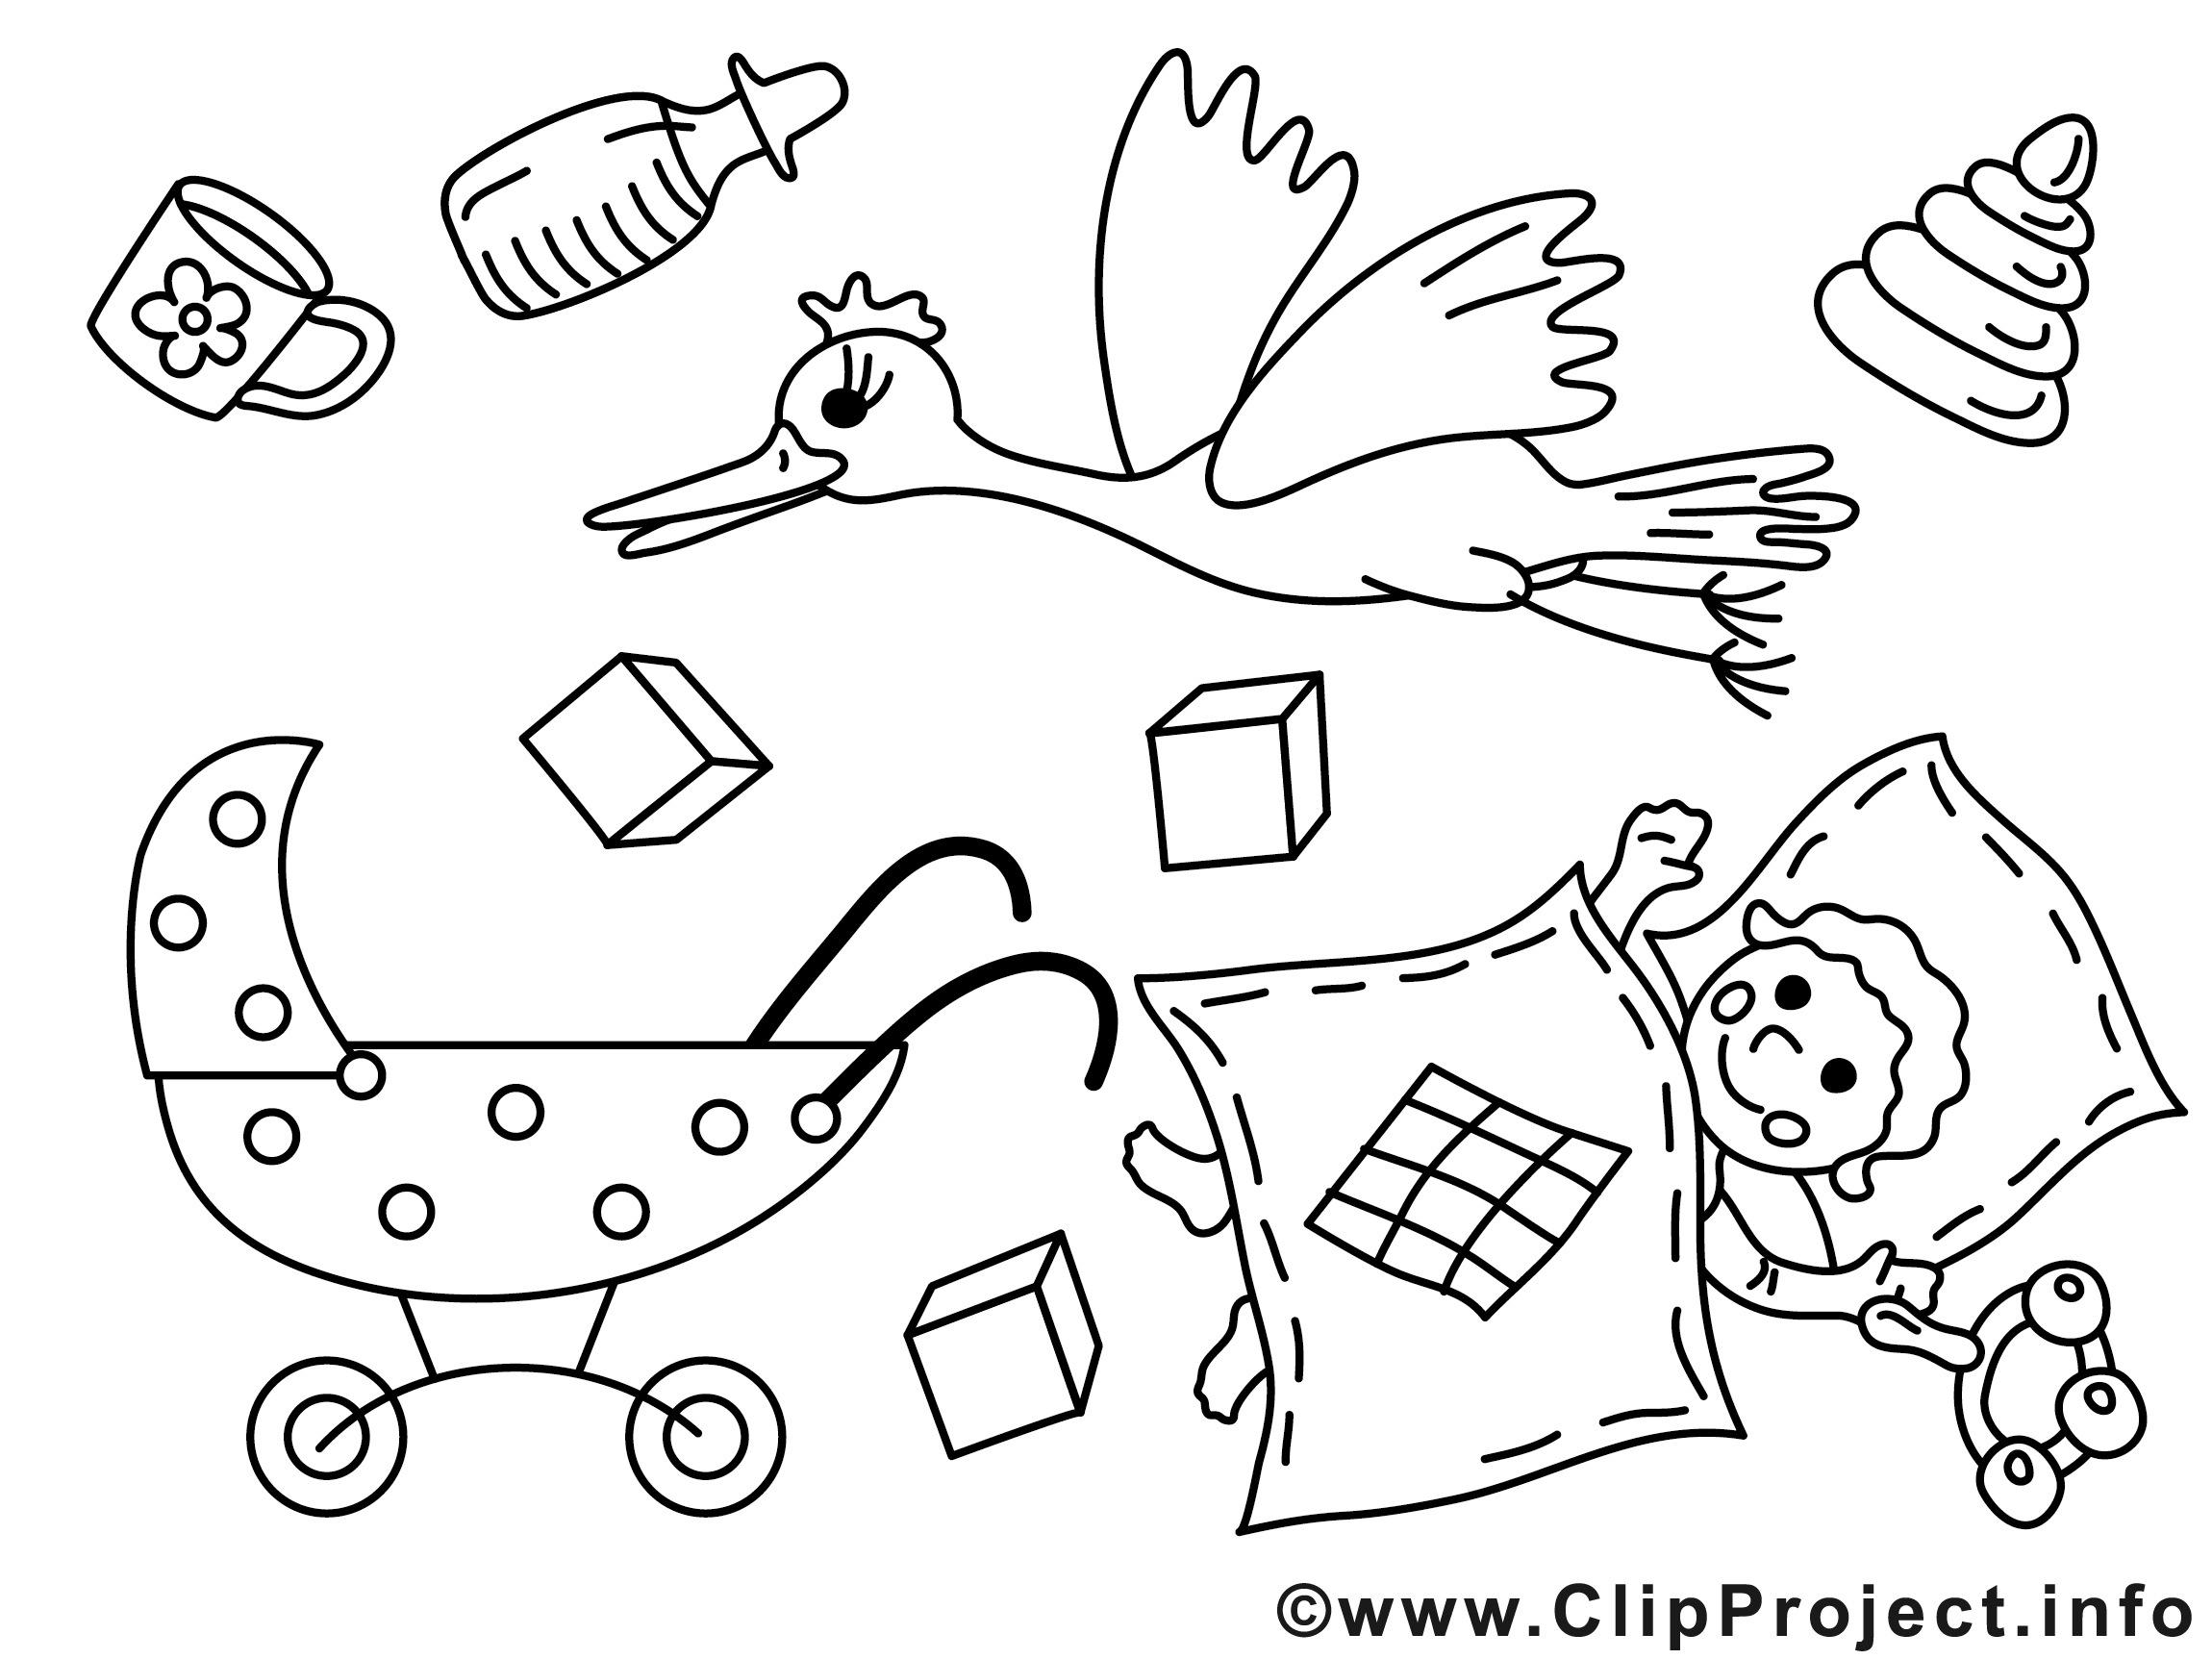 Ausdruck Bilder Zum Ausmalen Kindergarten Kinder In über Ausdruckbilder